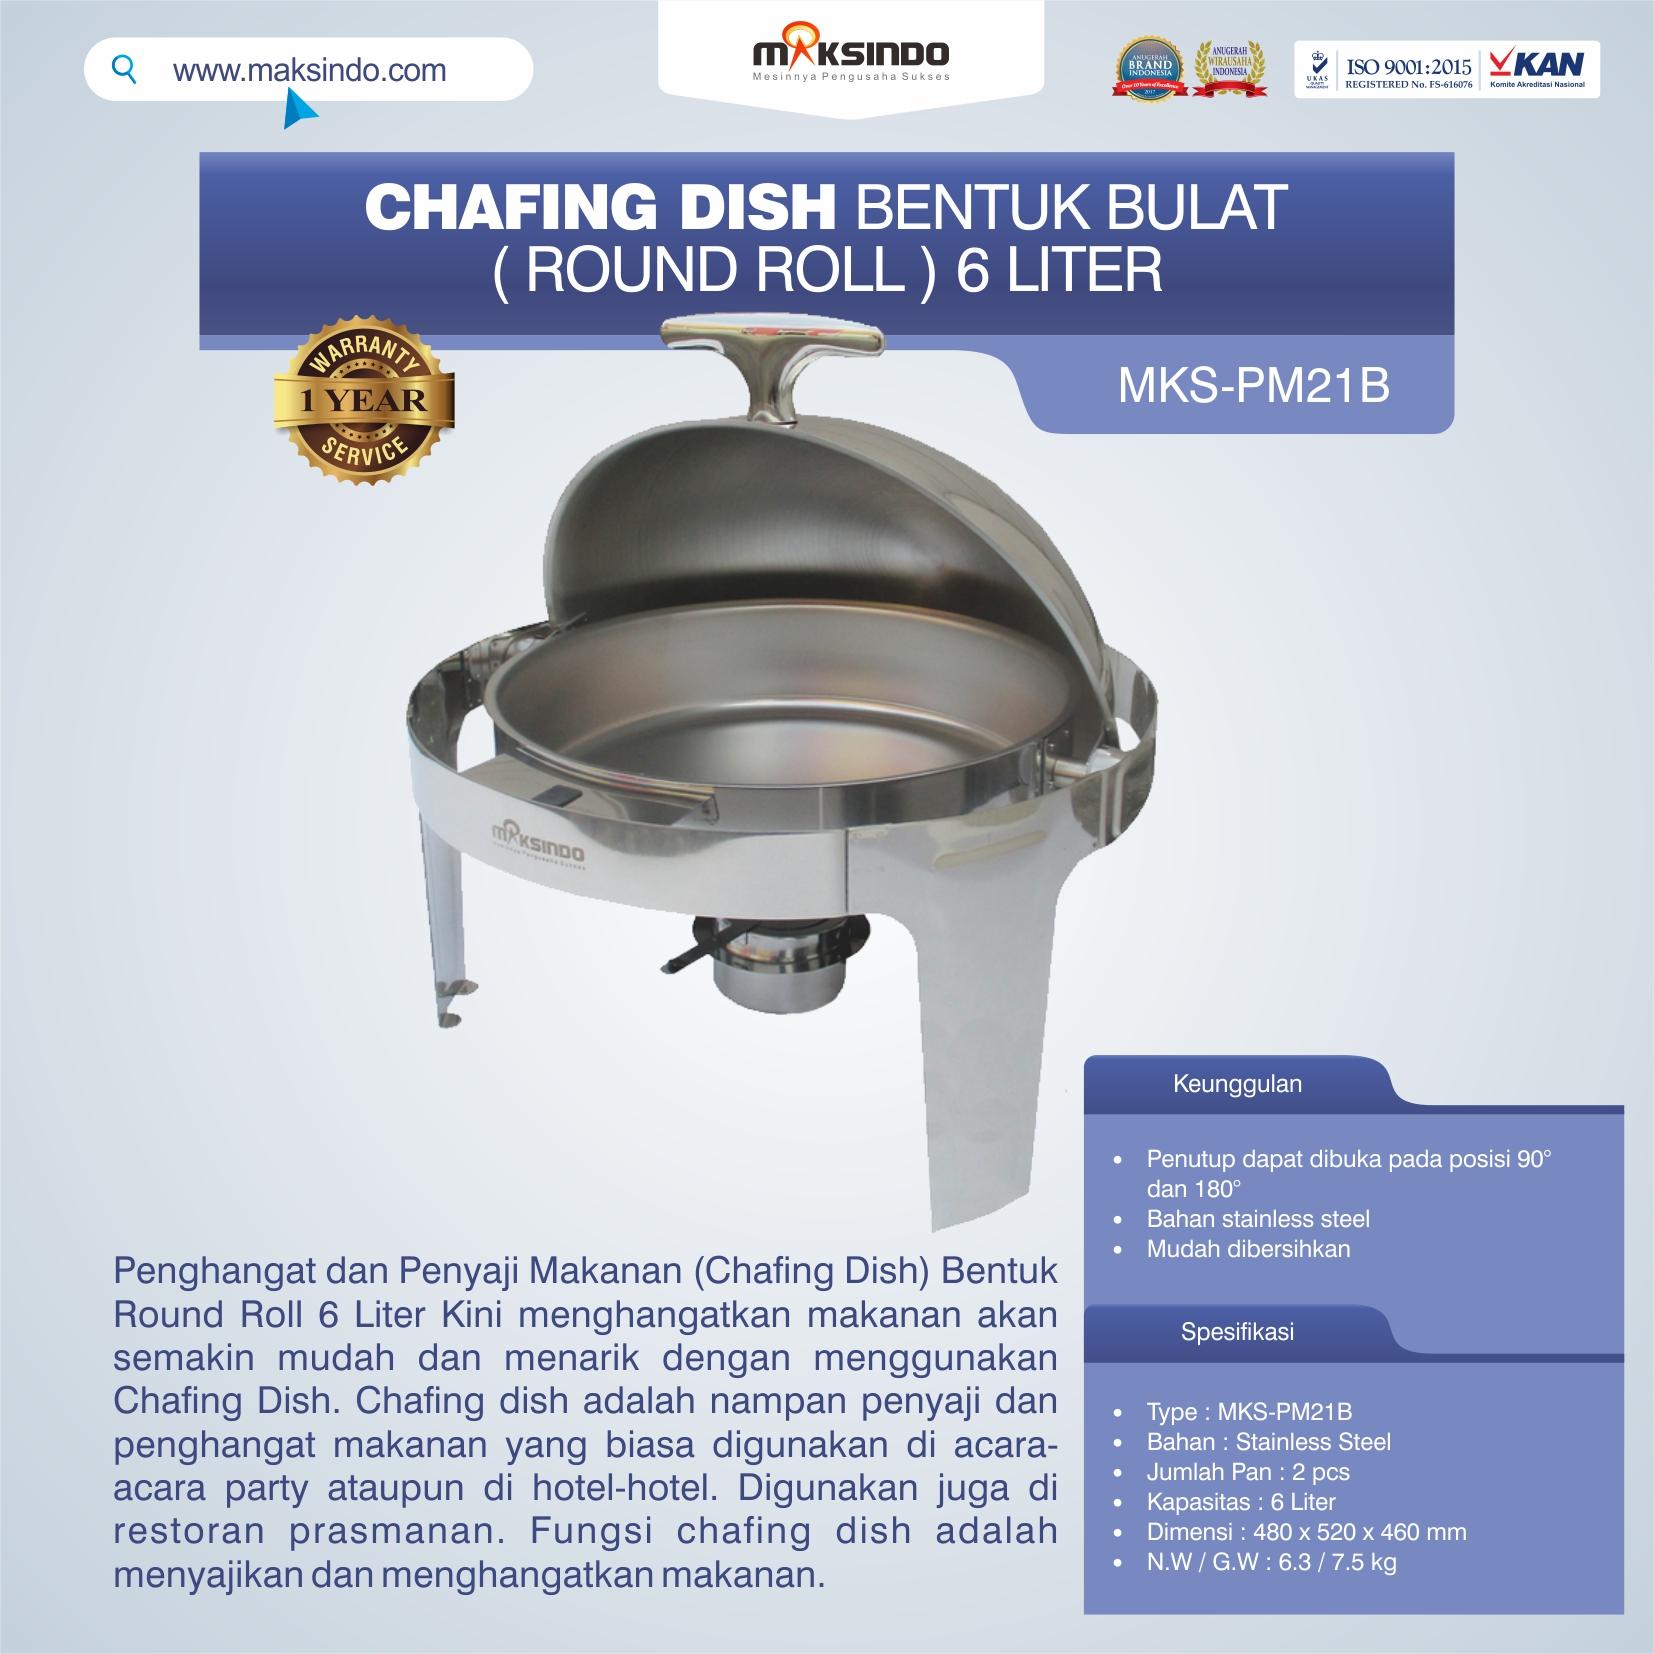 Jual Chafing Dish Bentuk Bulat (Round Roll) 6 Liter di Palembang